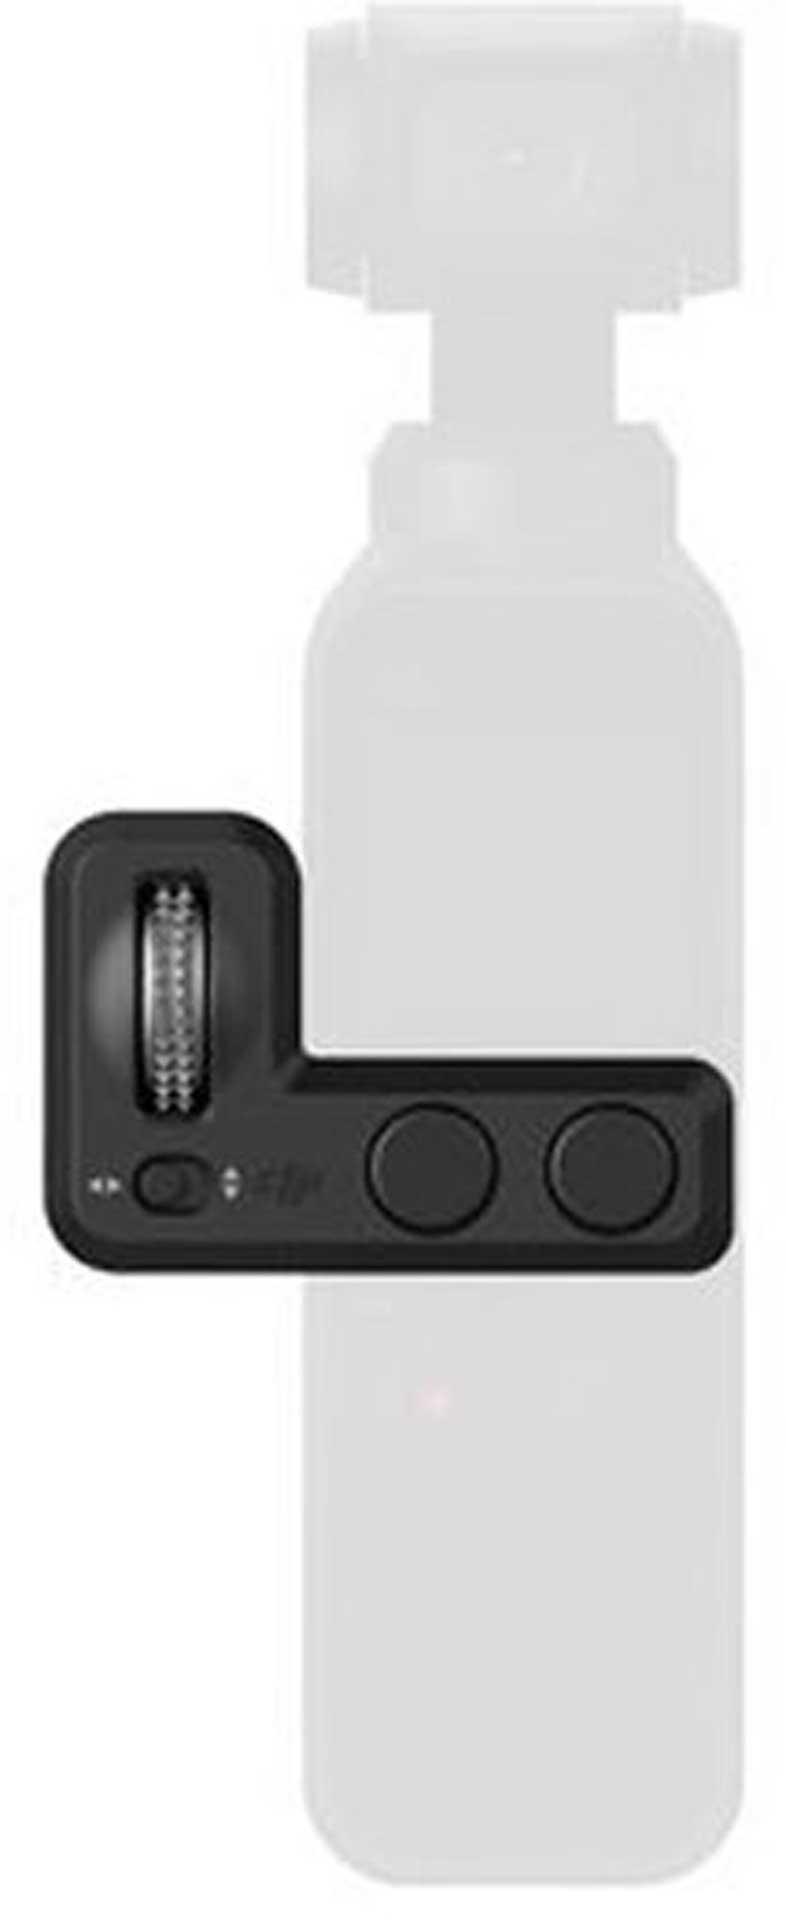 DJI OSM Pocket CONTROL CIAL PART 6